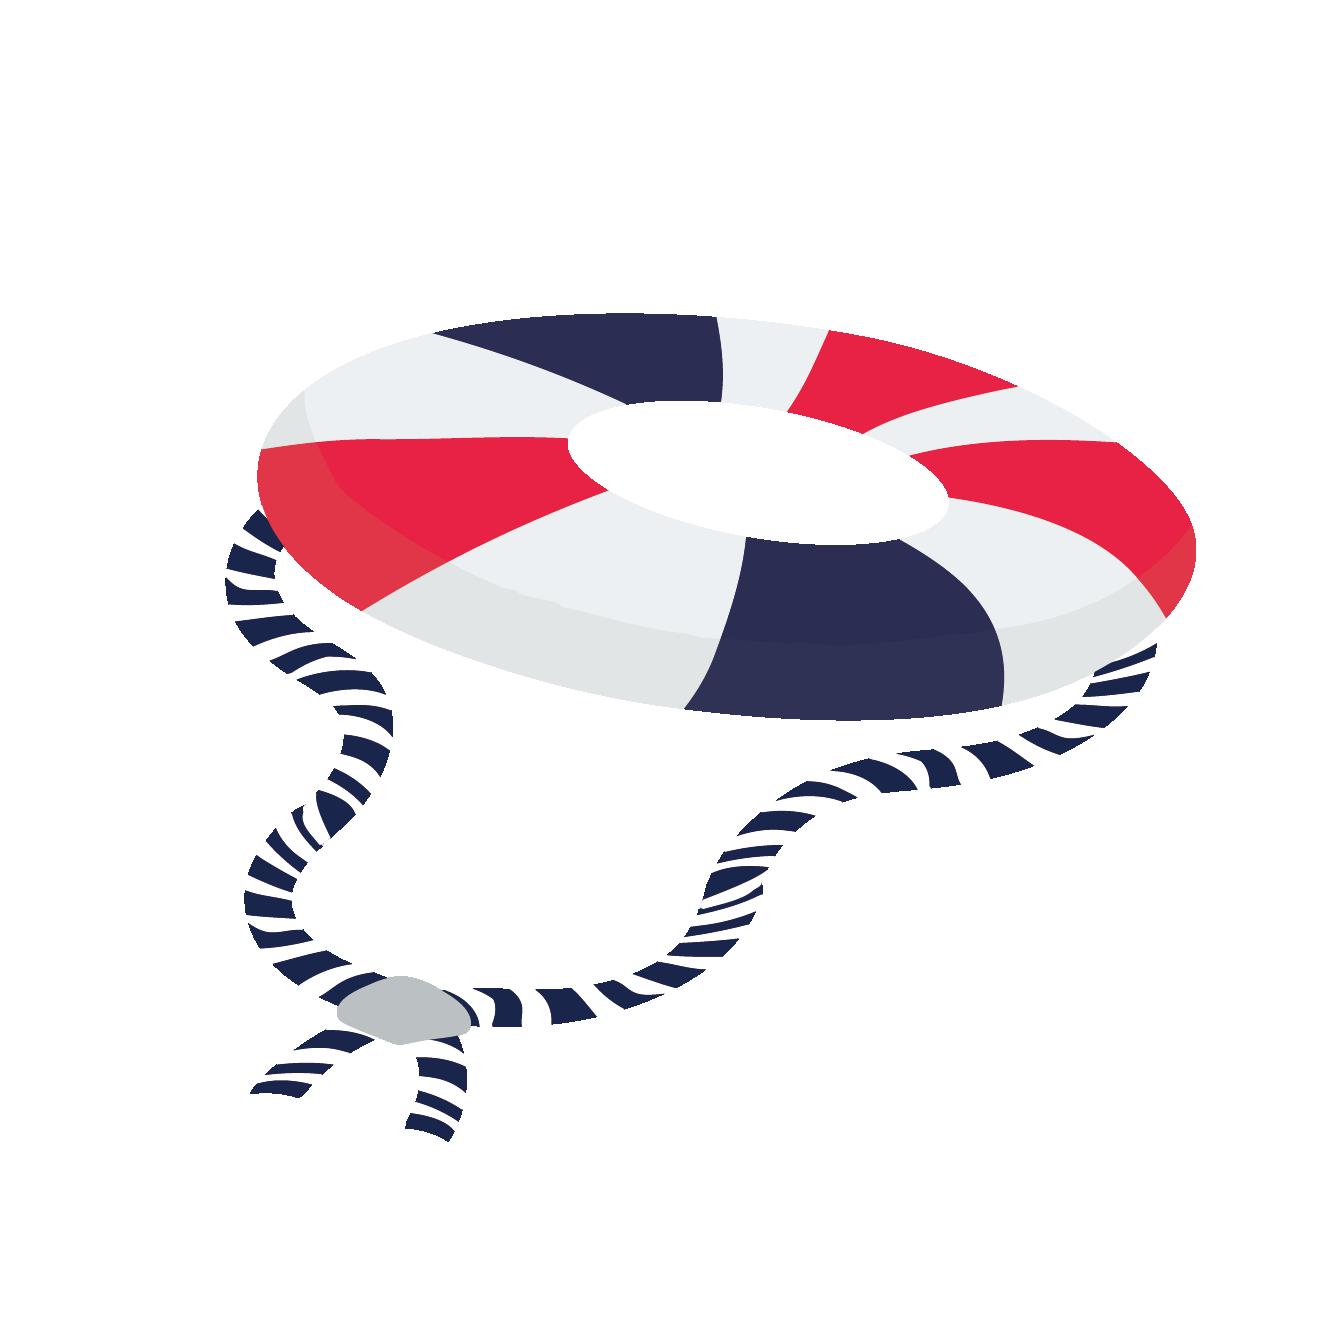 オシャレな紐付き 浮き輪うきわのイラスト 商用フリー無料の